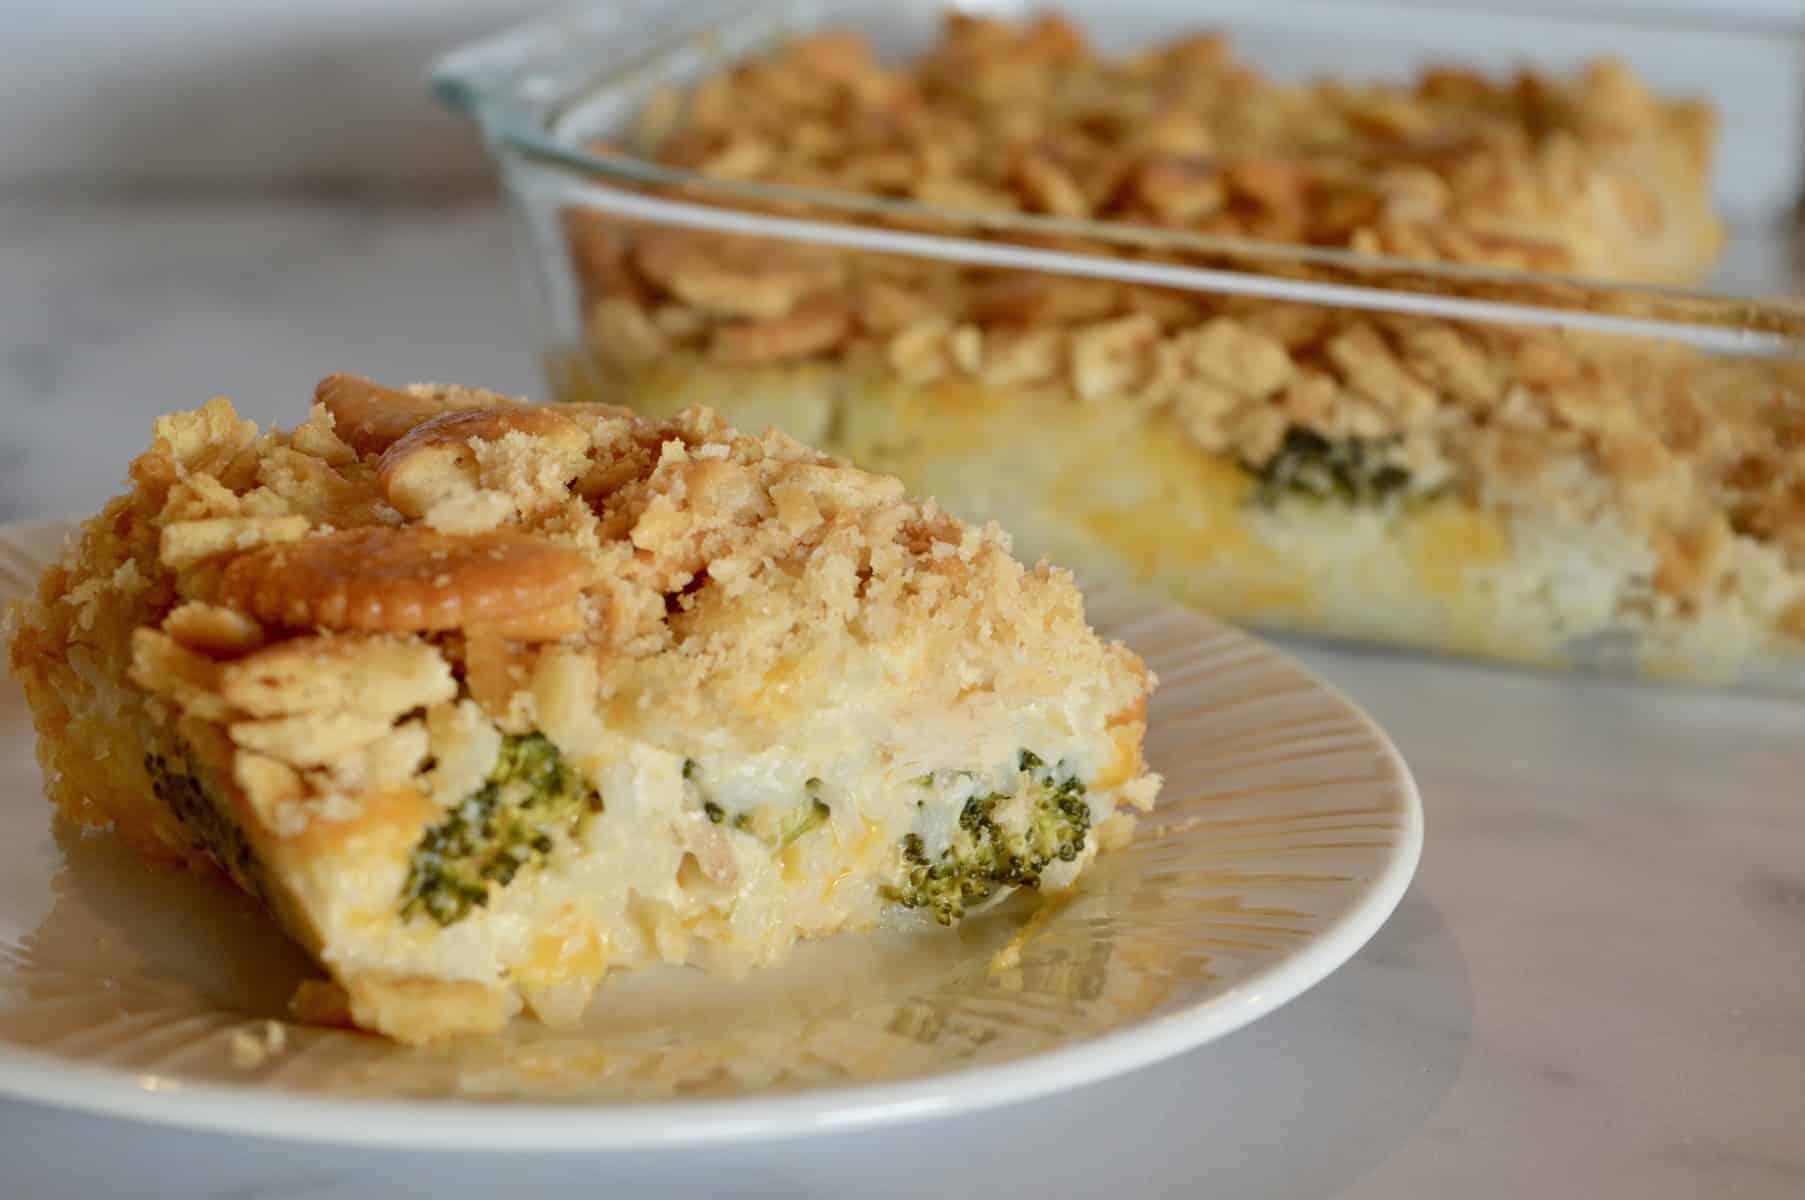 Broccoli Casserole Recipe With Ritz Crackers